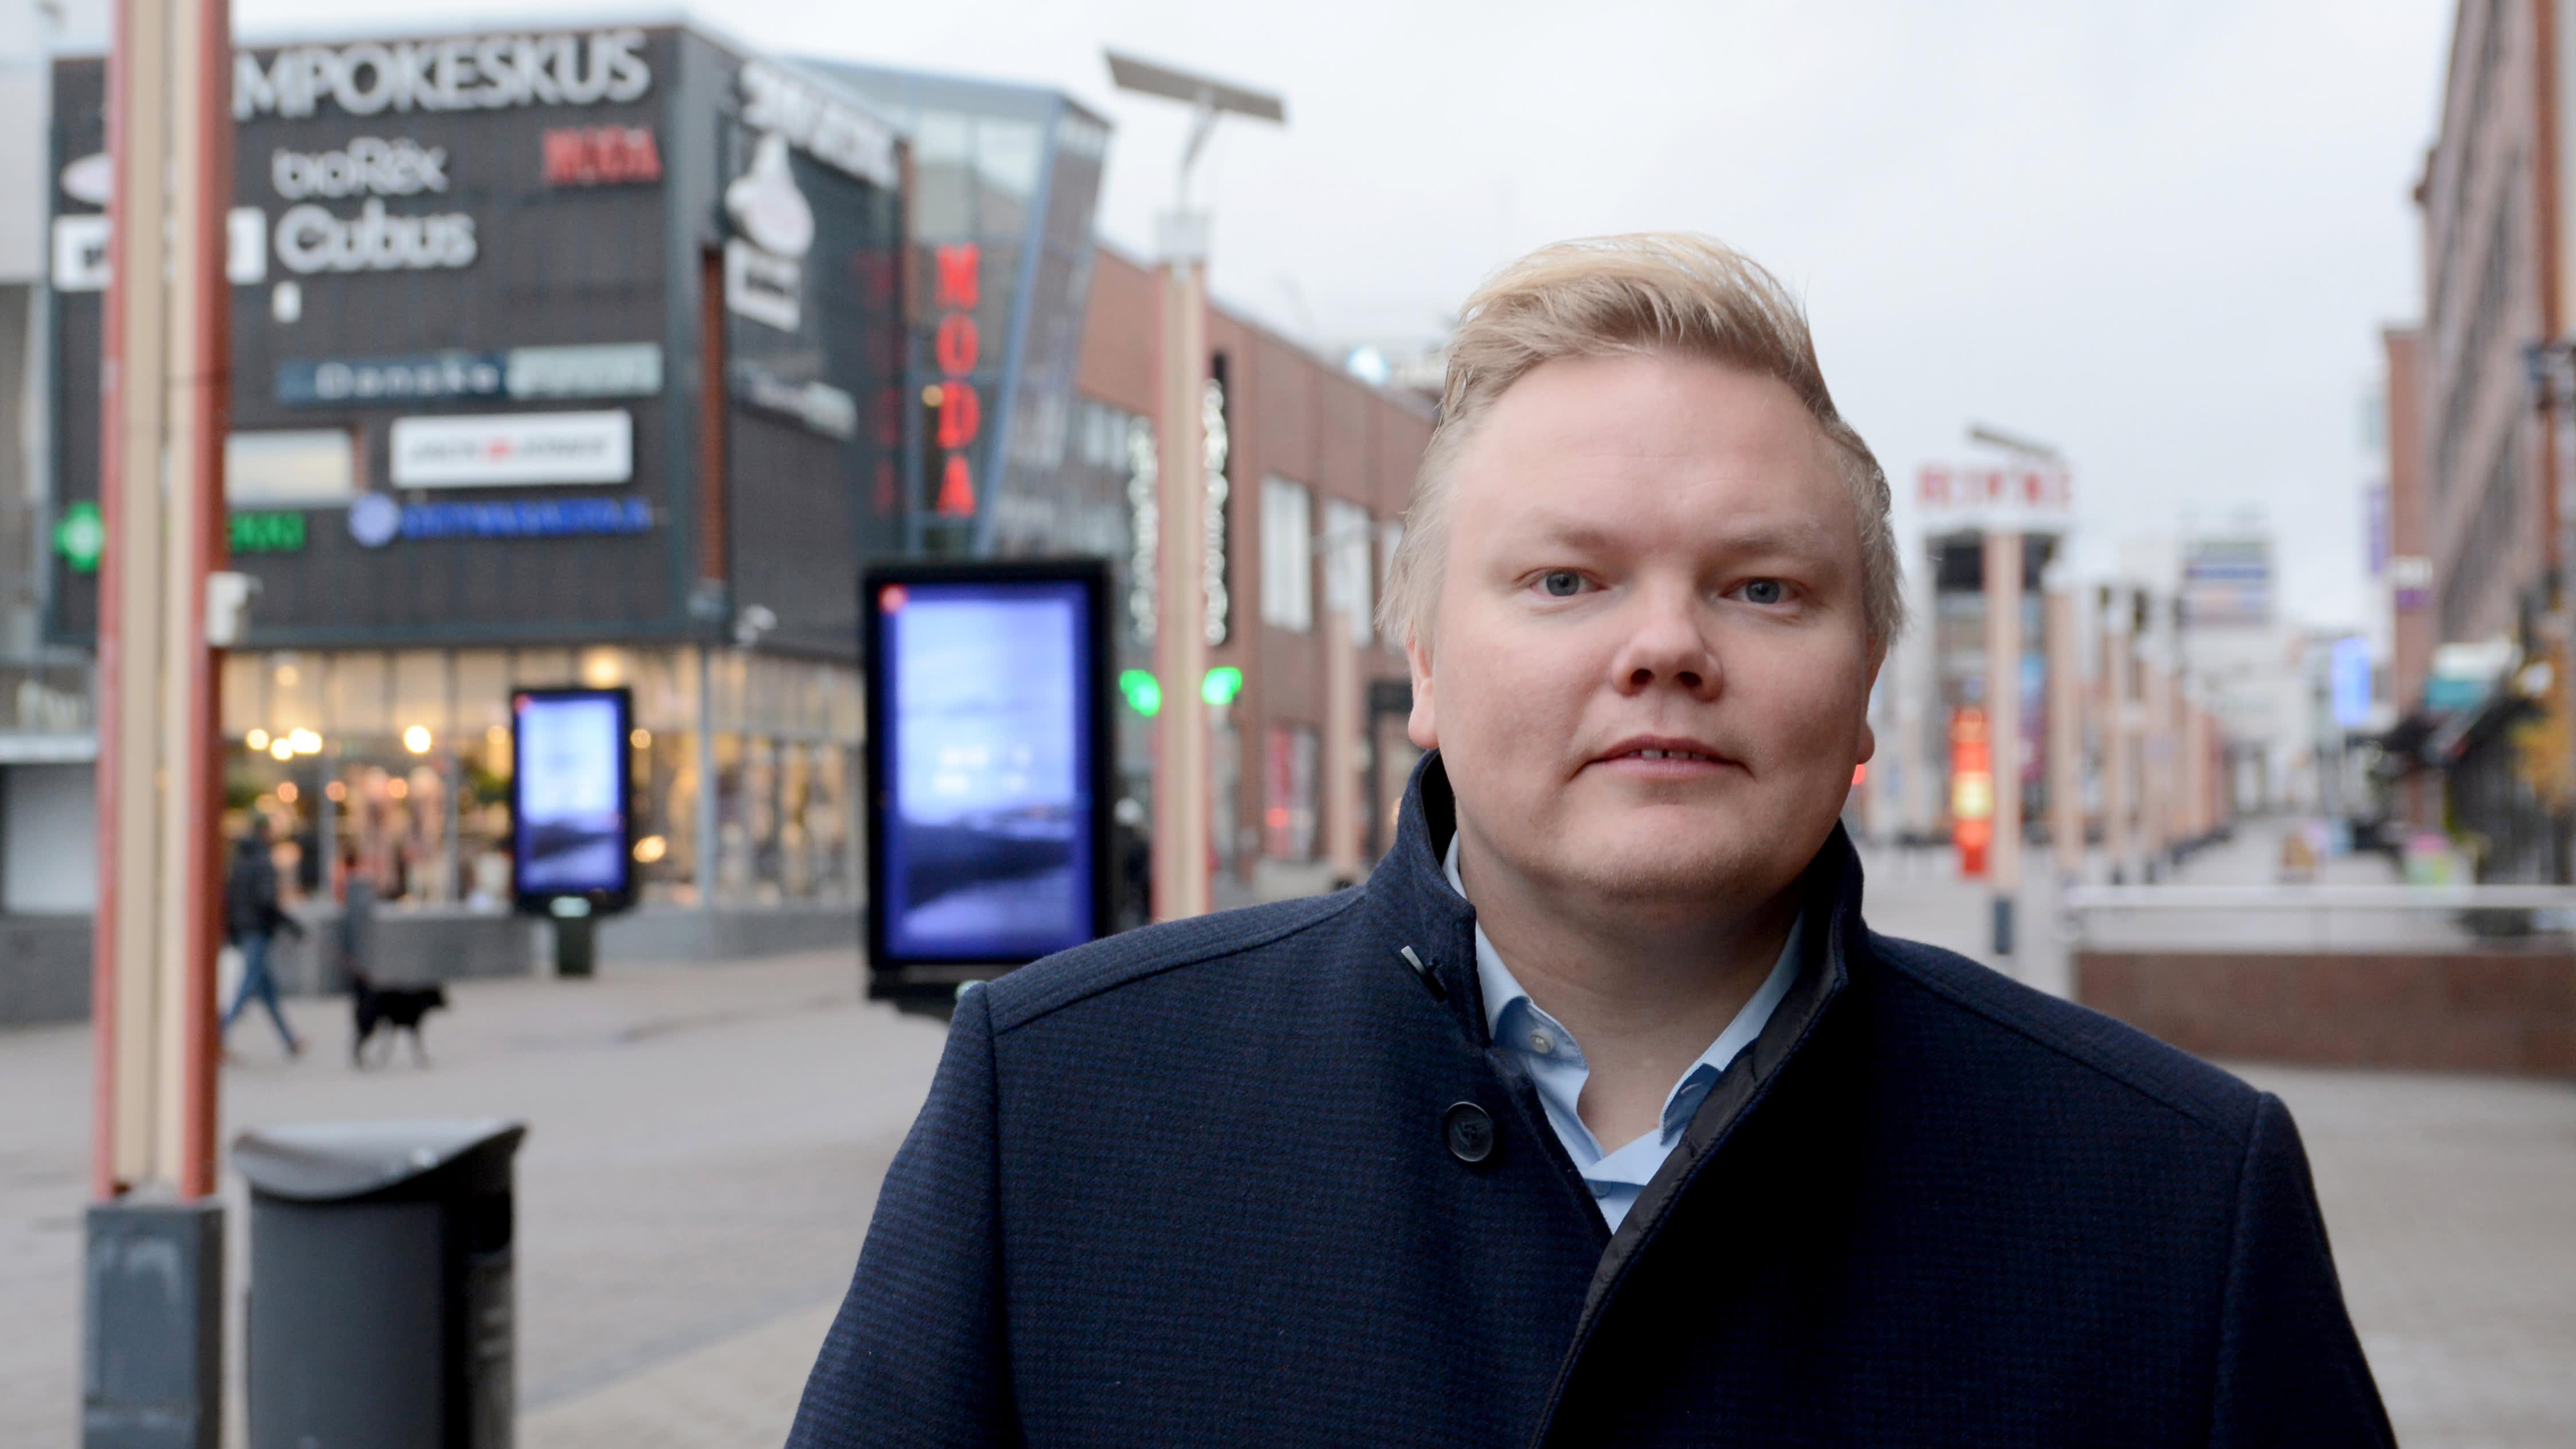 Ministeri Antti Kurvinen lupaa opintolainahyvityksiä syrjäseuduille muuttaville osaajille